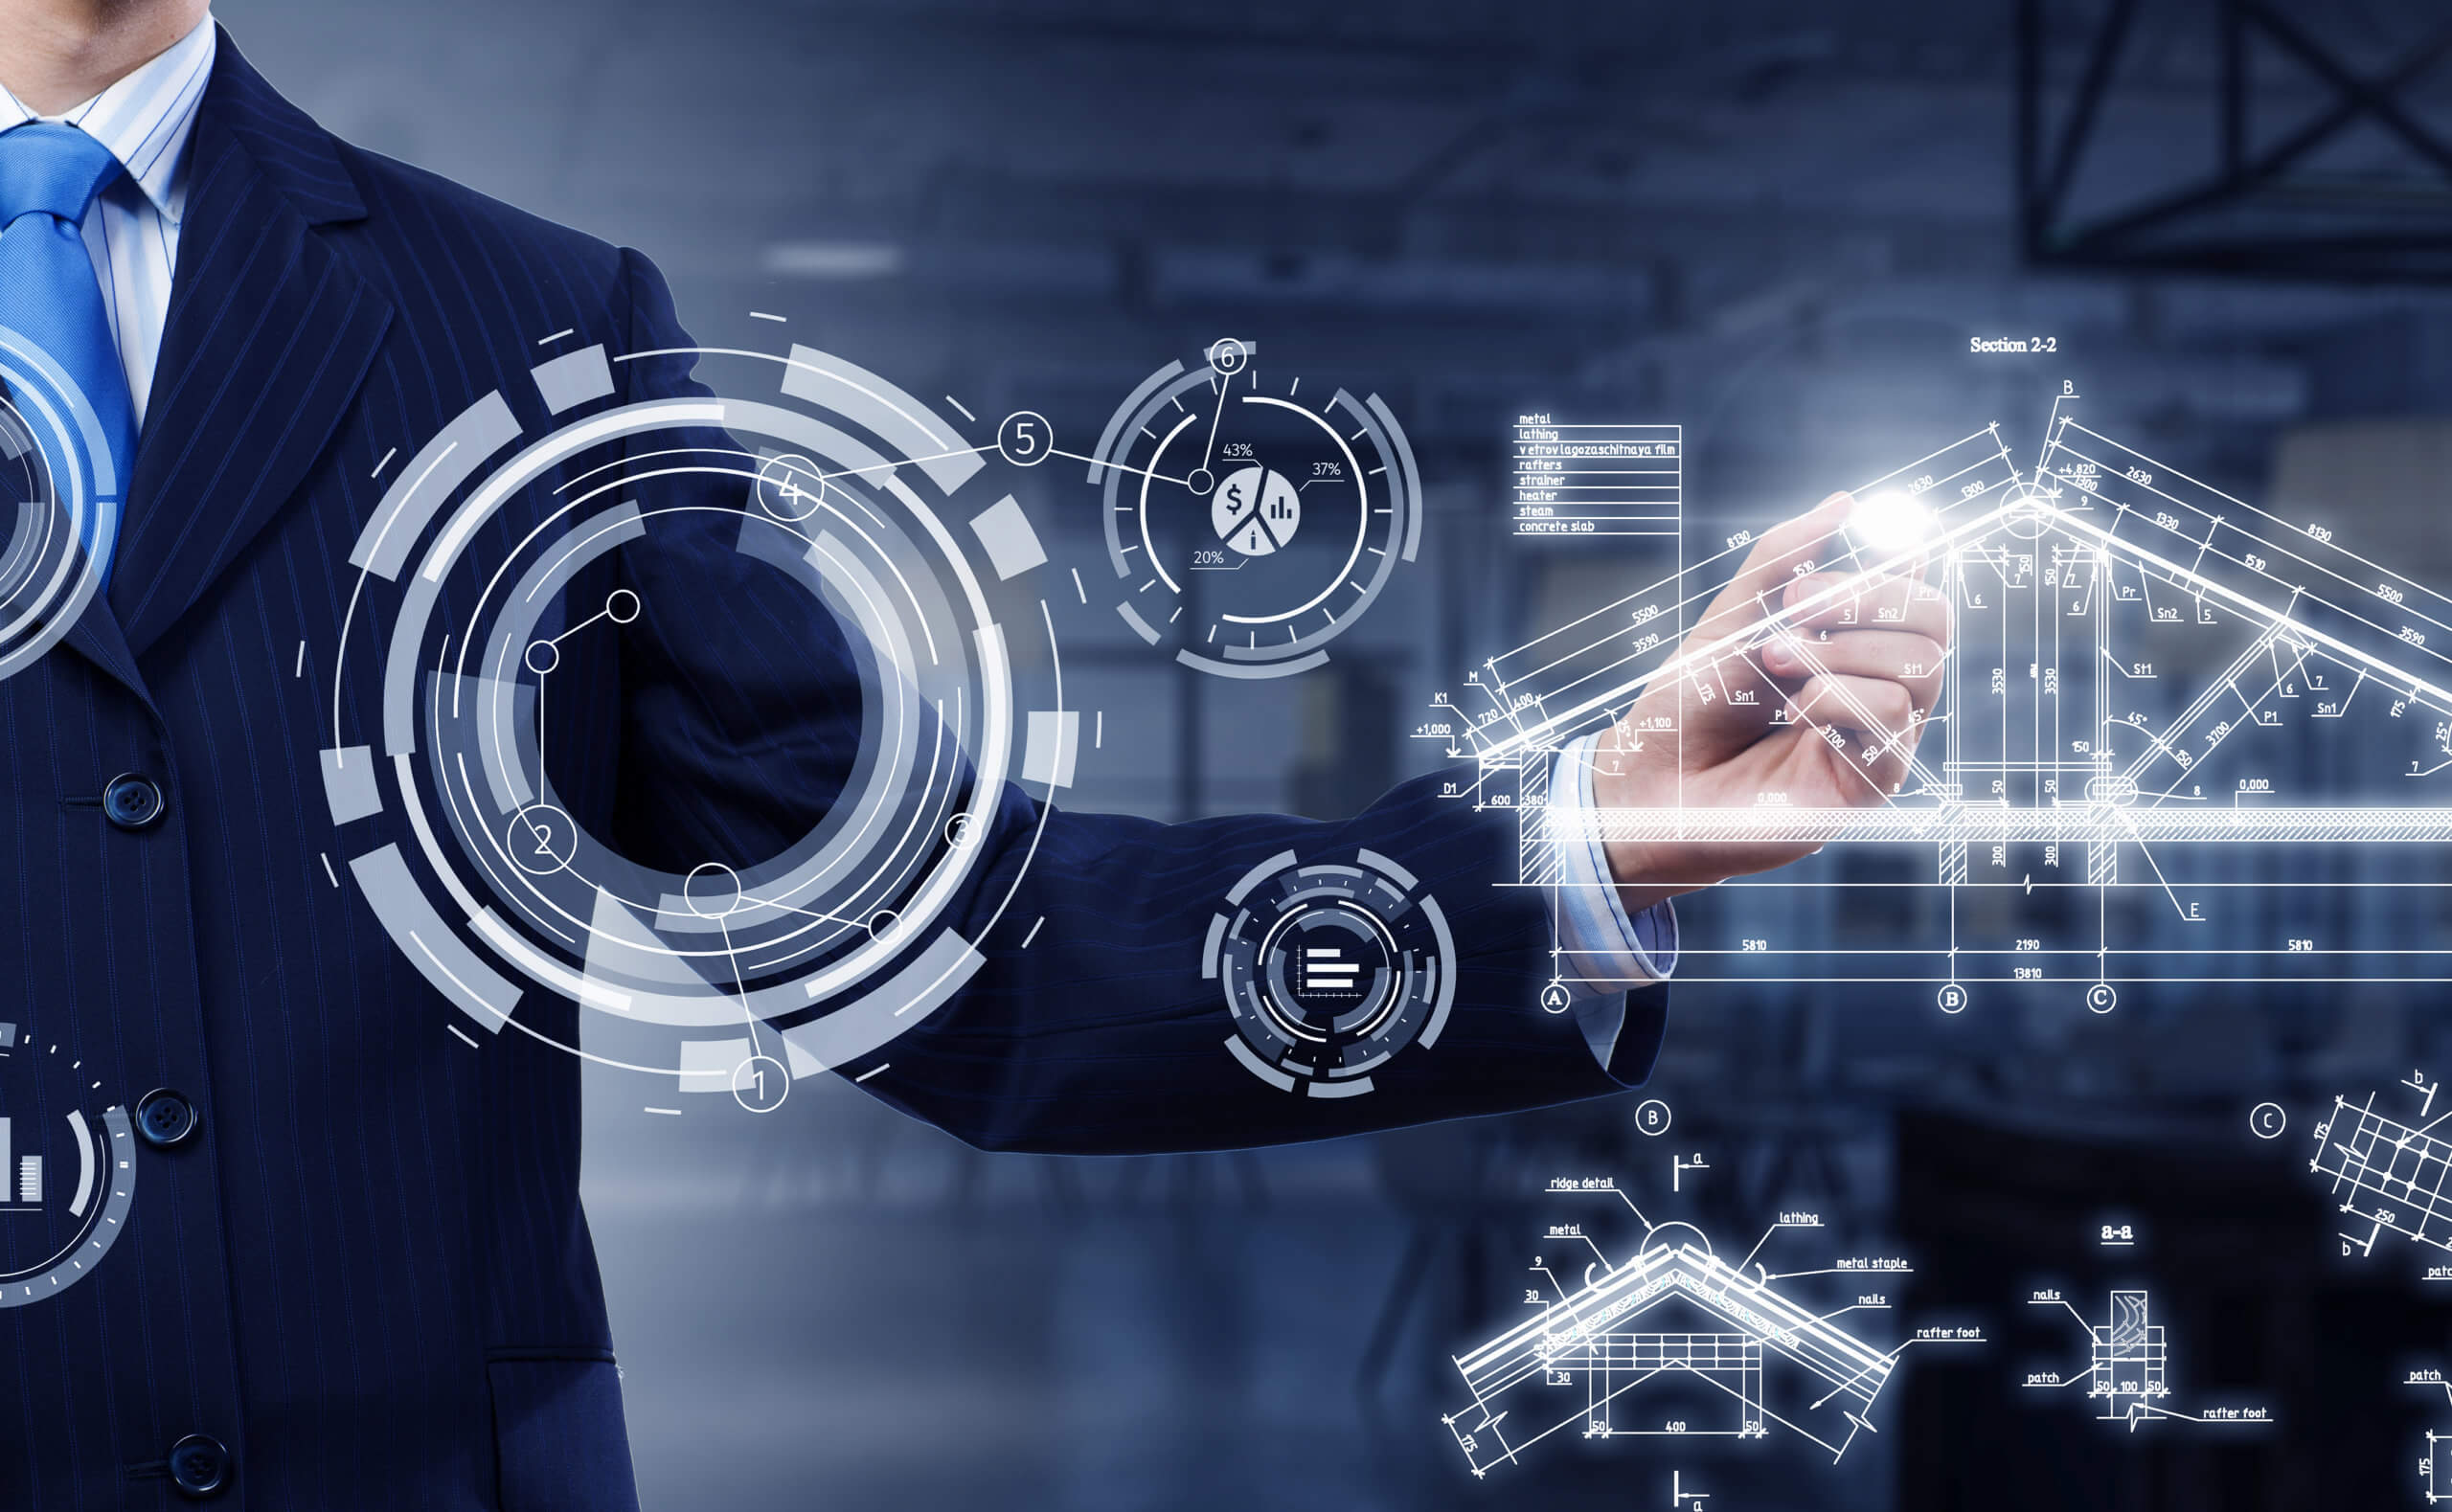 КЕЙСИ КЛІЄНТІВ APS SMART: Автоматизація закупівельної діяльності у рітейлі